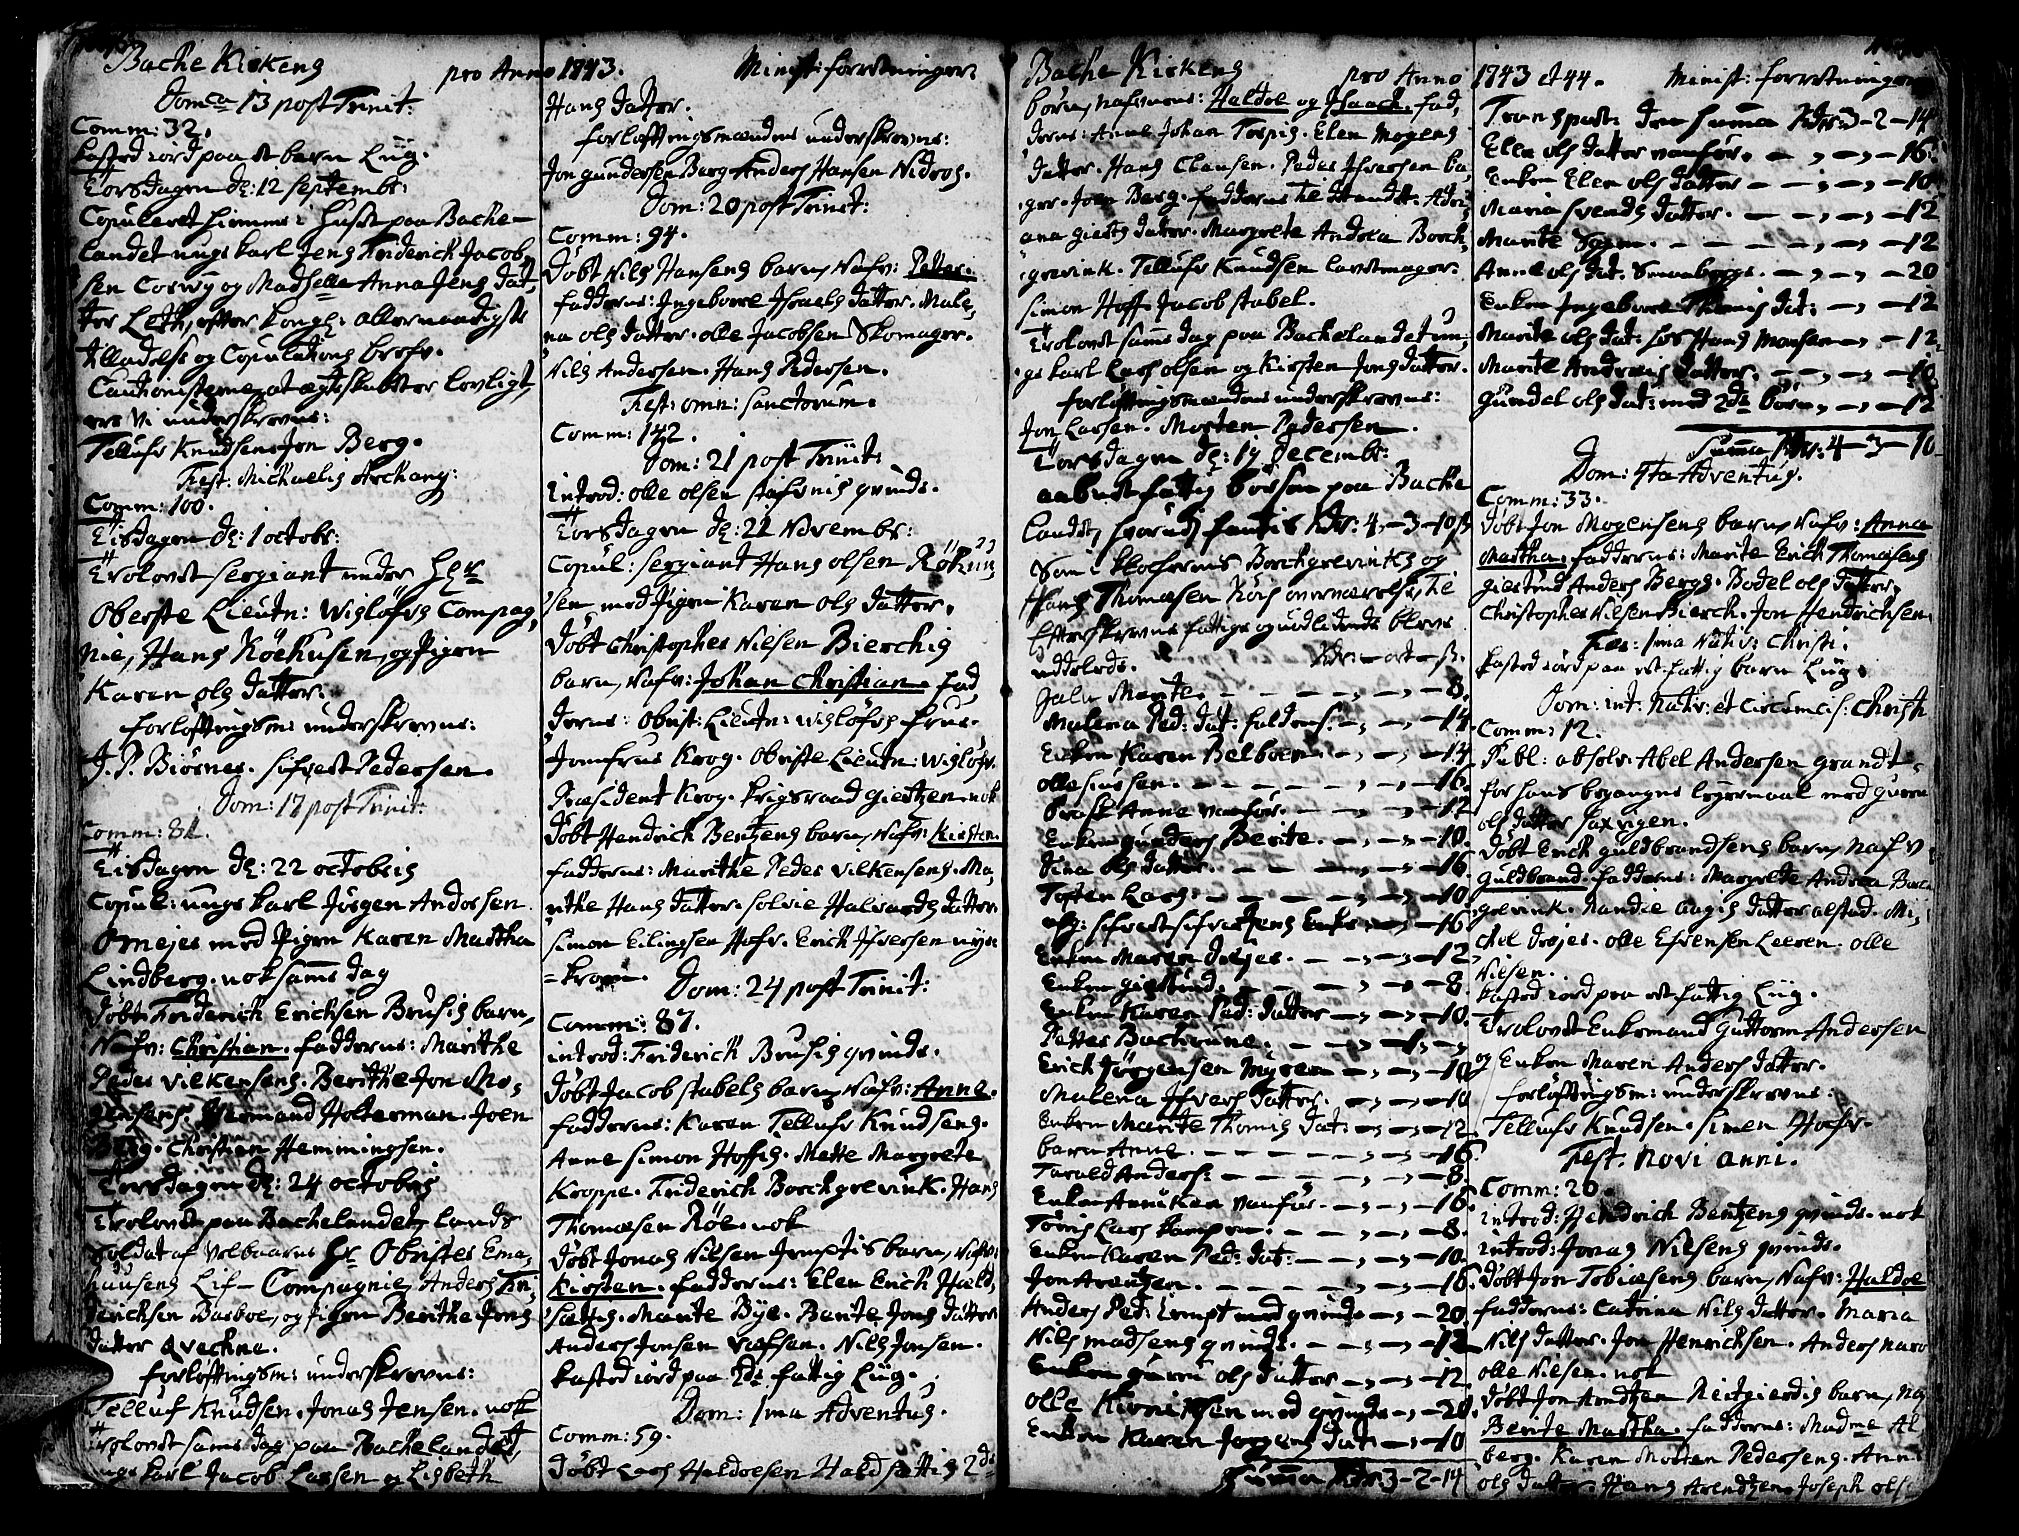 SAT, Ministerialprotokoller, klokkerbøker og fødselsregistre - Sør-Trøndelag, 606/L0276: Ministerialbok nr. 606A01 /2, 1727-1779, s. 46-47